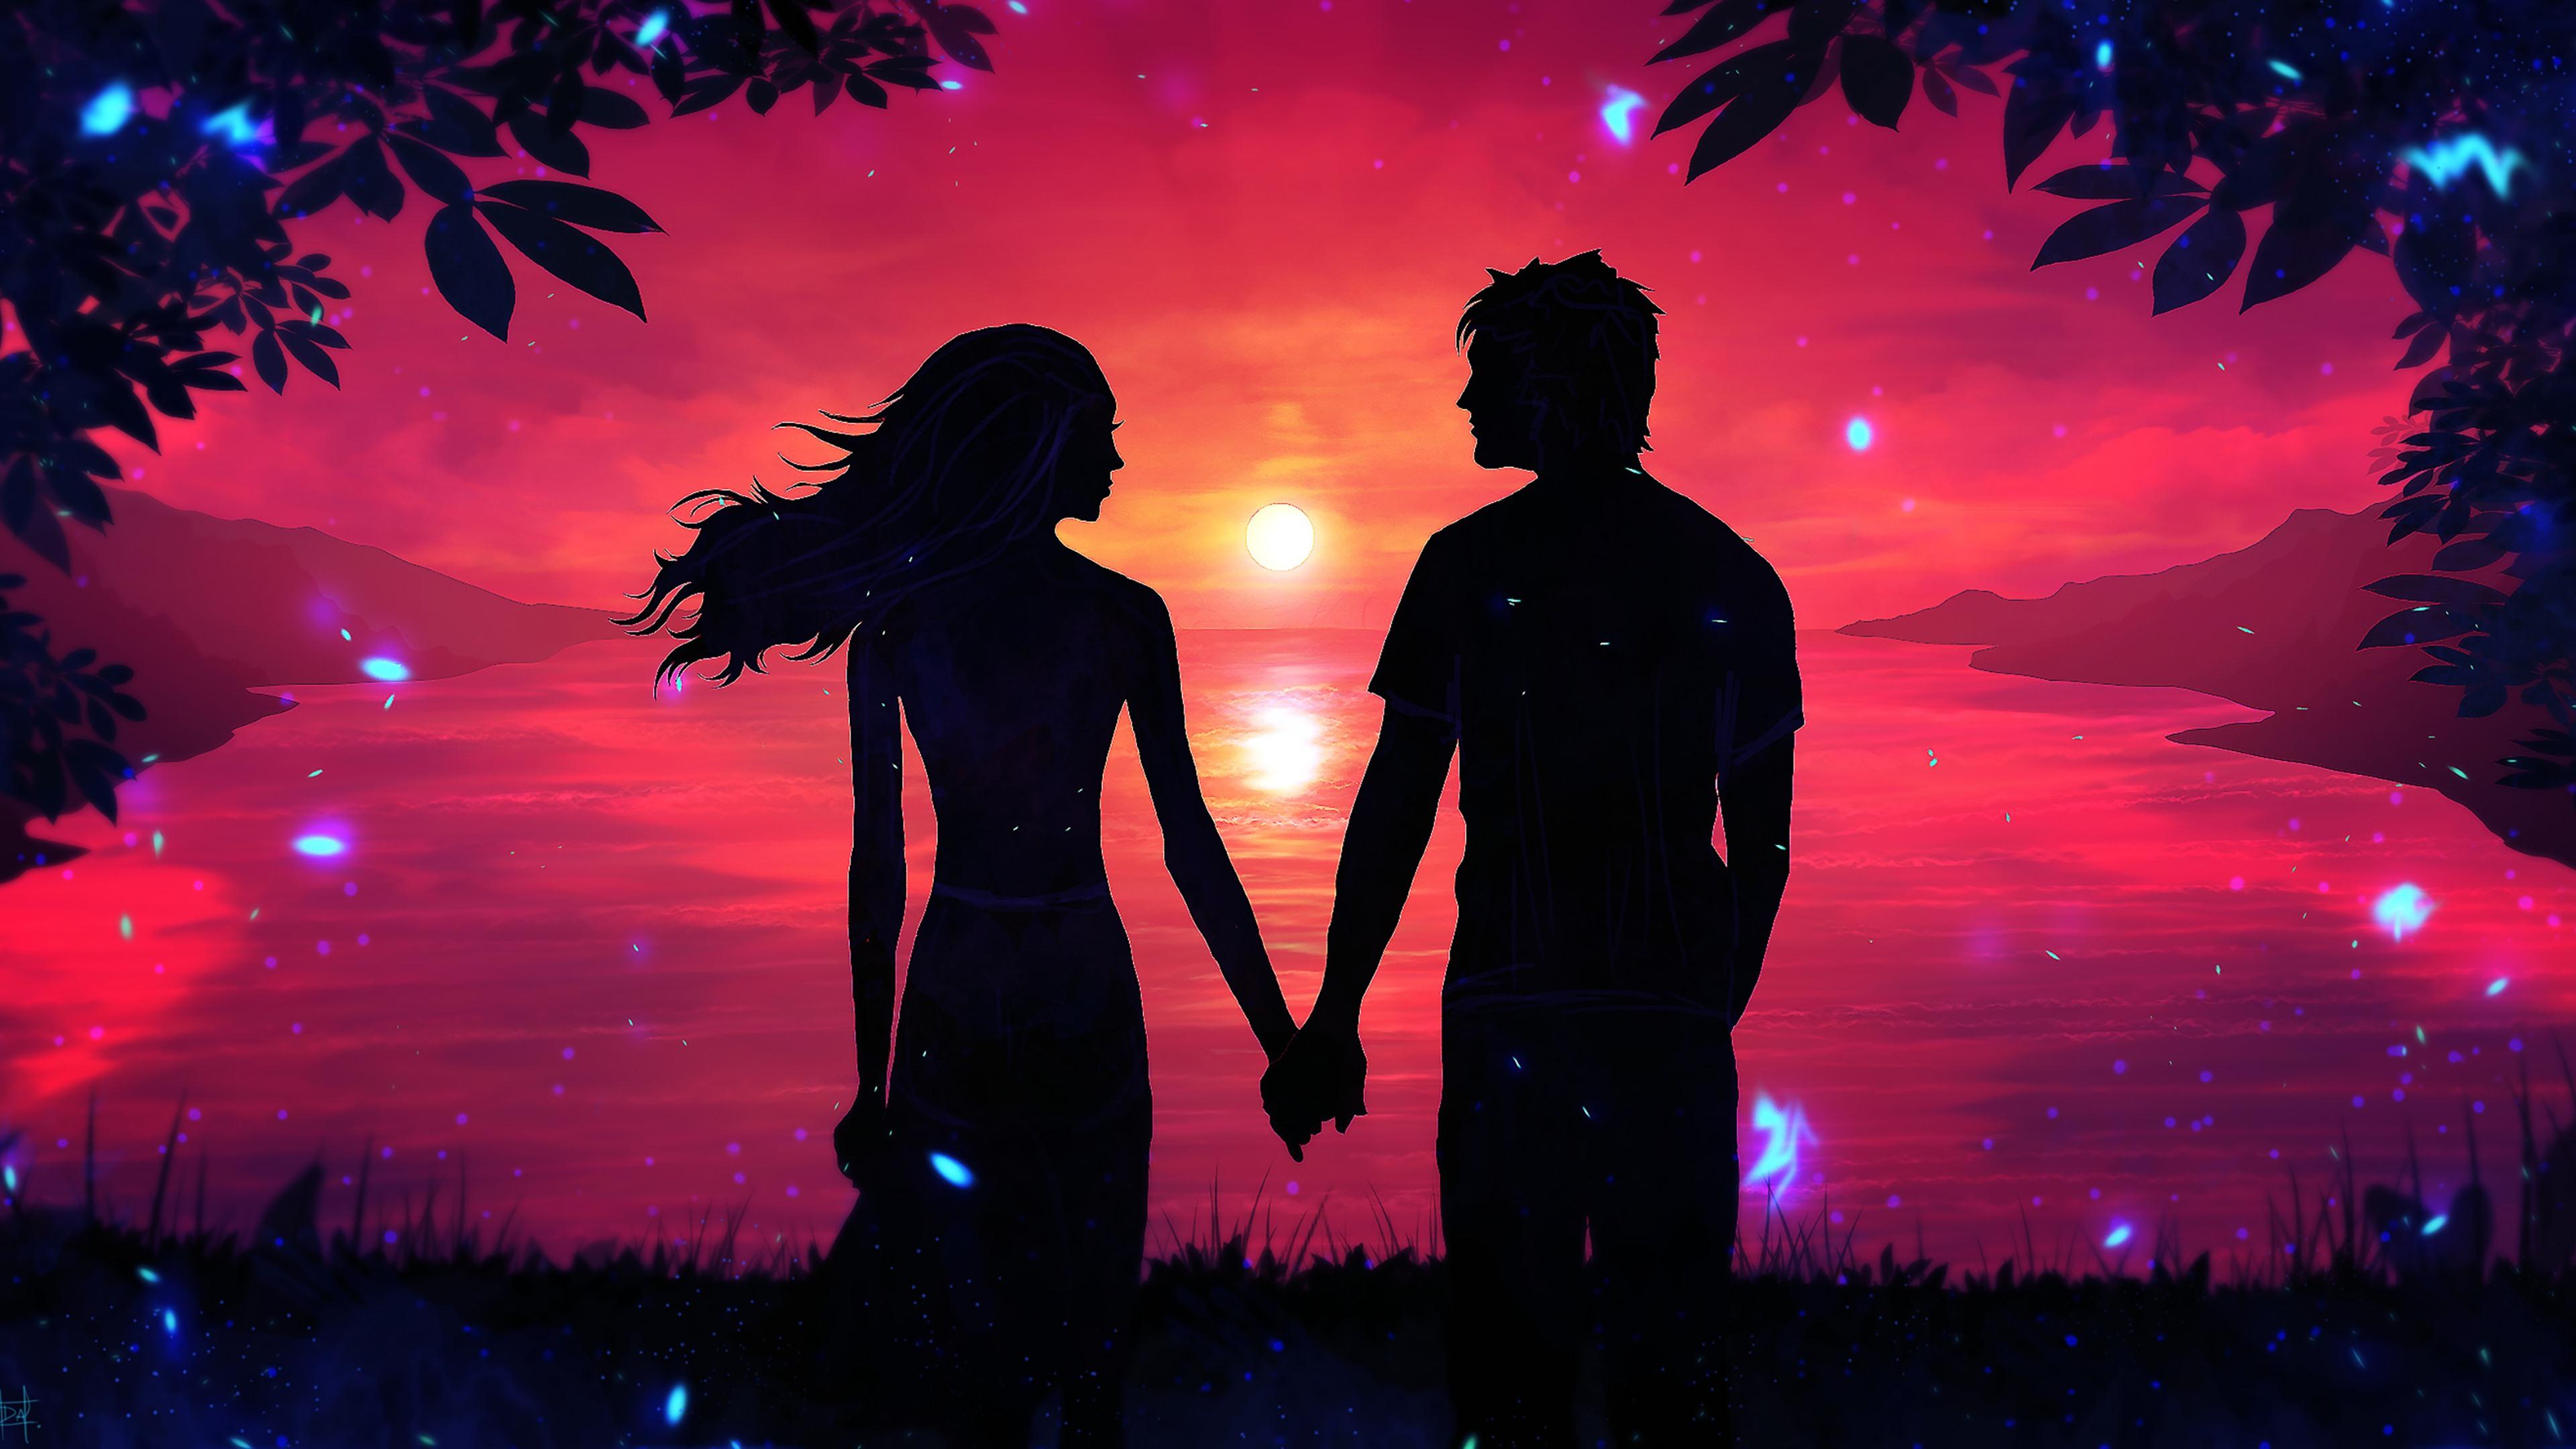 True Lovers Wallpaper 43149   Baltana 3840x2160